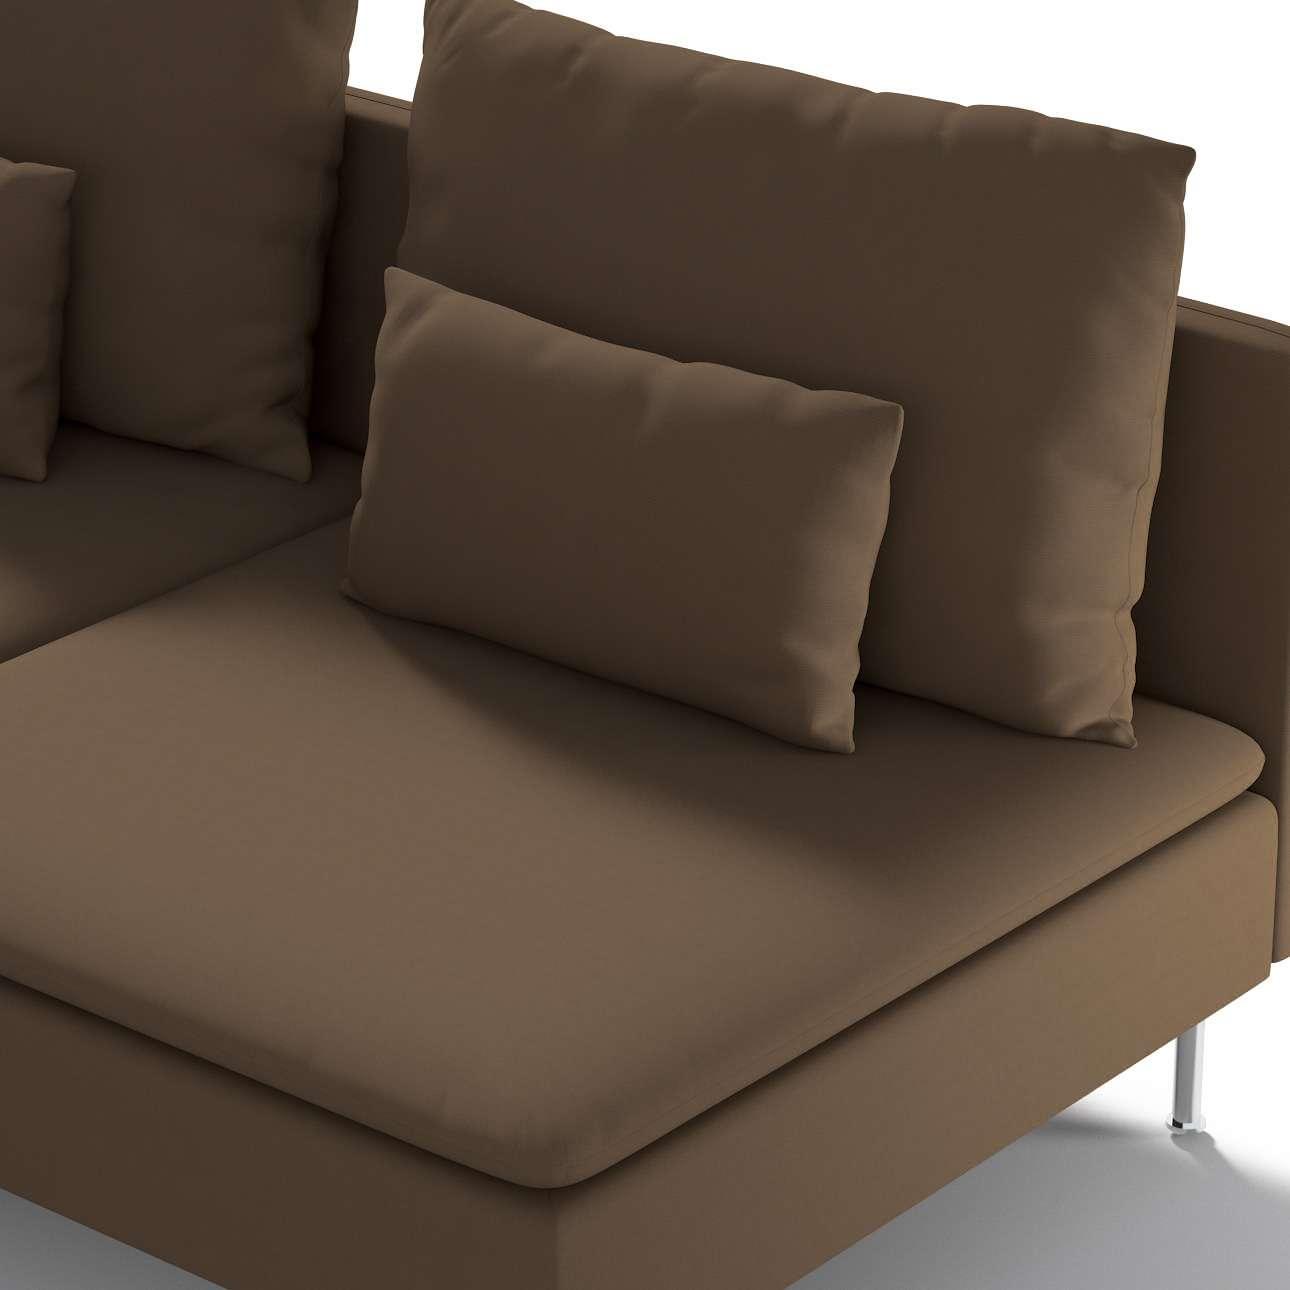 Bezug für Söderhamn Sitzelement 3 von der Kollektion Cotton Panama, Stoff: 702-02